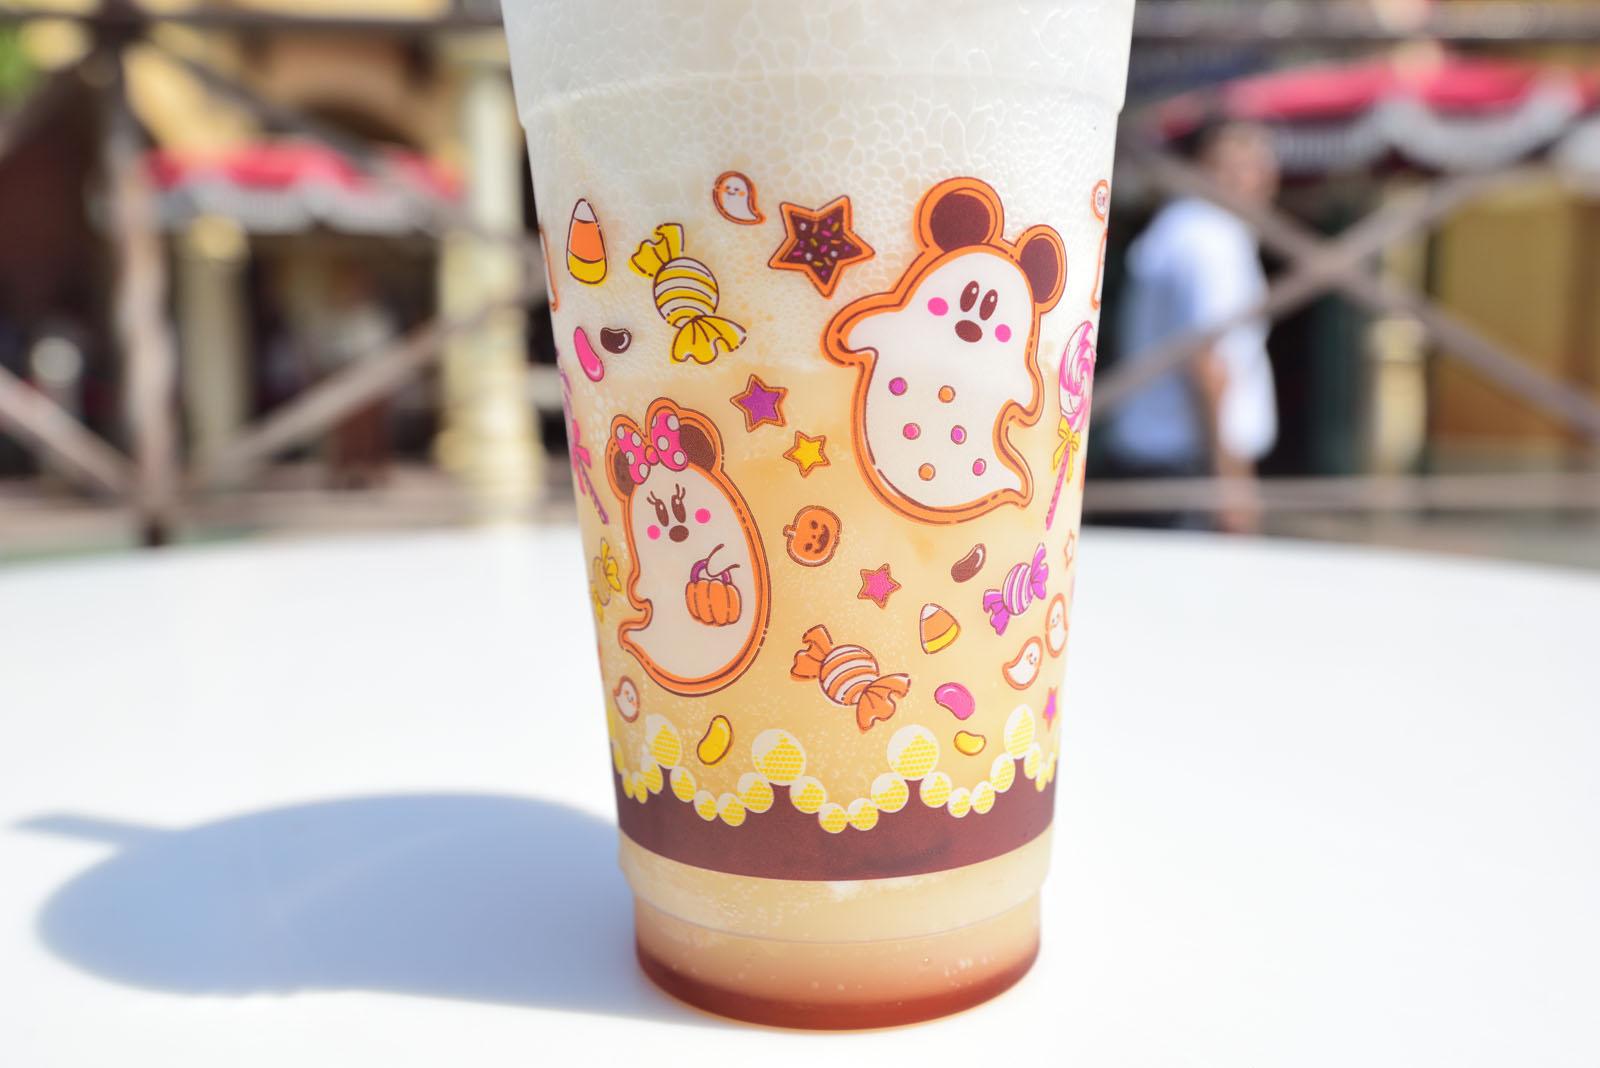 ポップコーンソーダ&ドーナツ ディズニー・ハロウィーン2019